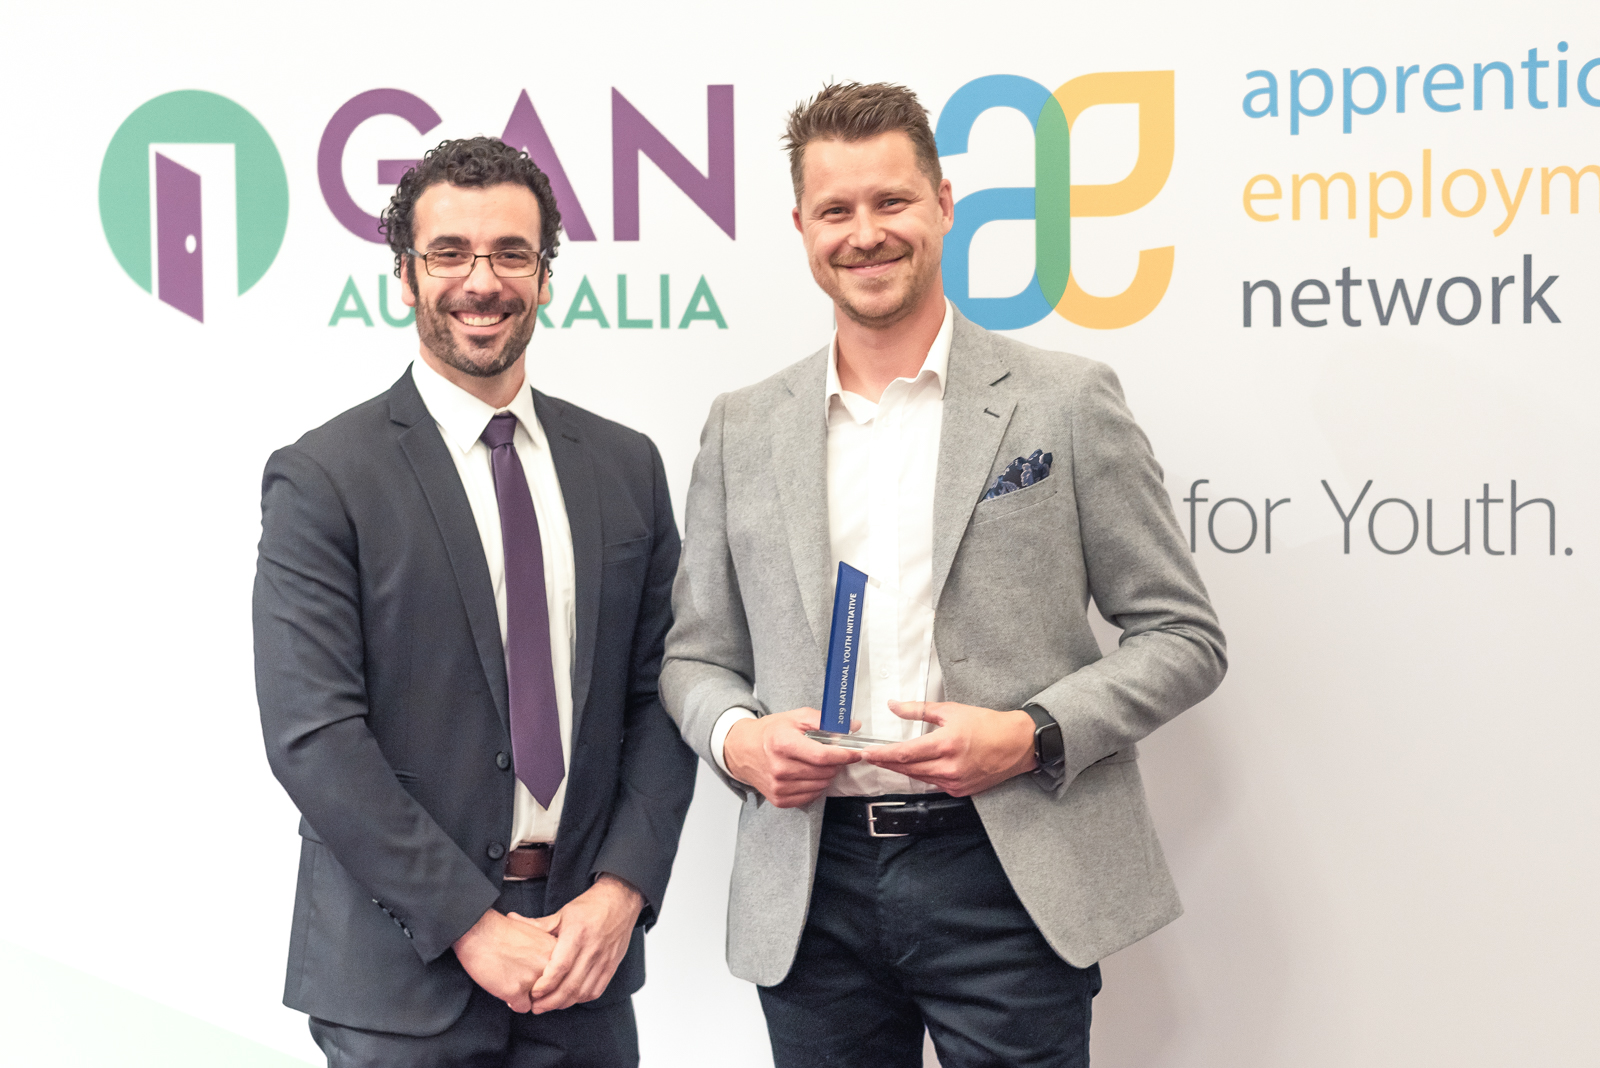 Nik GAN Australia and Patrick Faellar Adecco